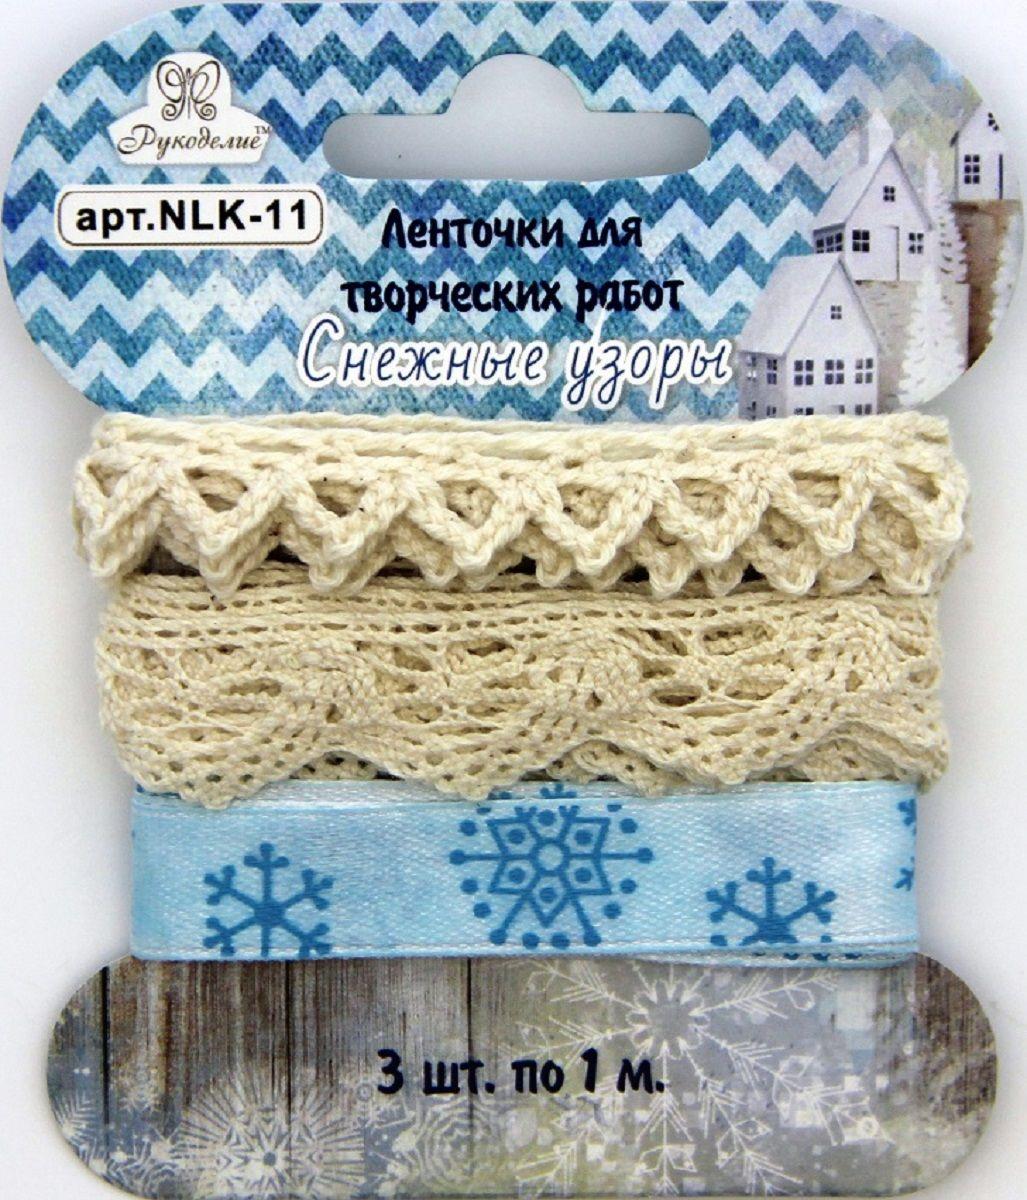 Набор лент Рукоделие Снежные узоры, 1 м, 3 шт набор лент рукоделие ностальгия 1 м 3 шт